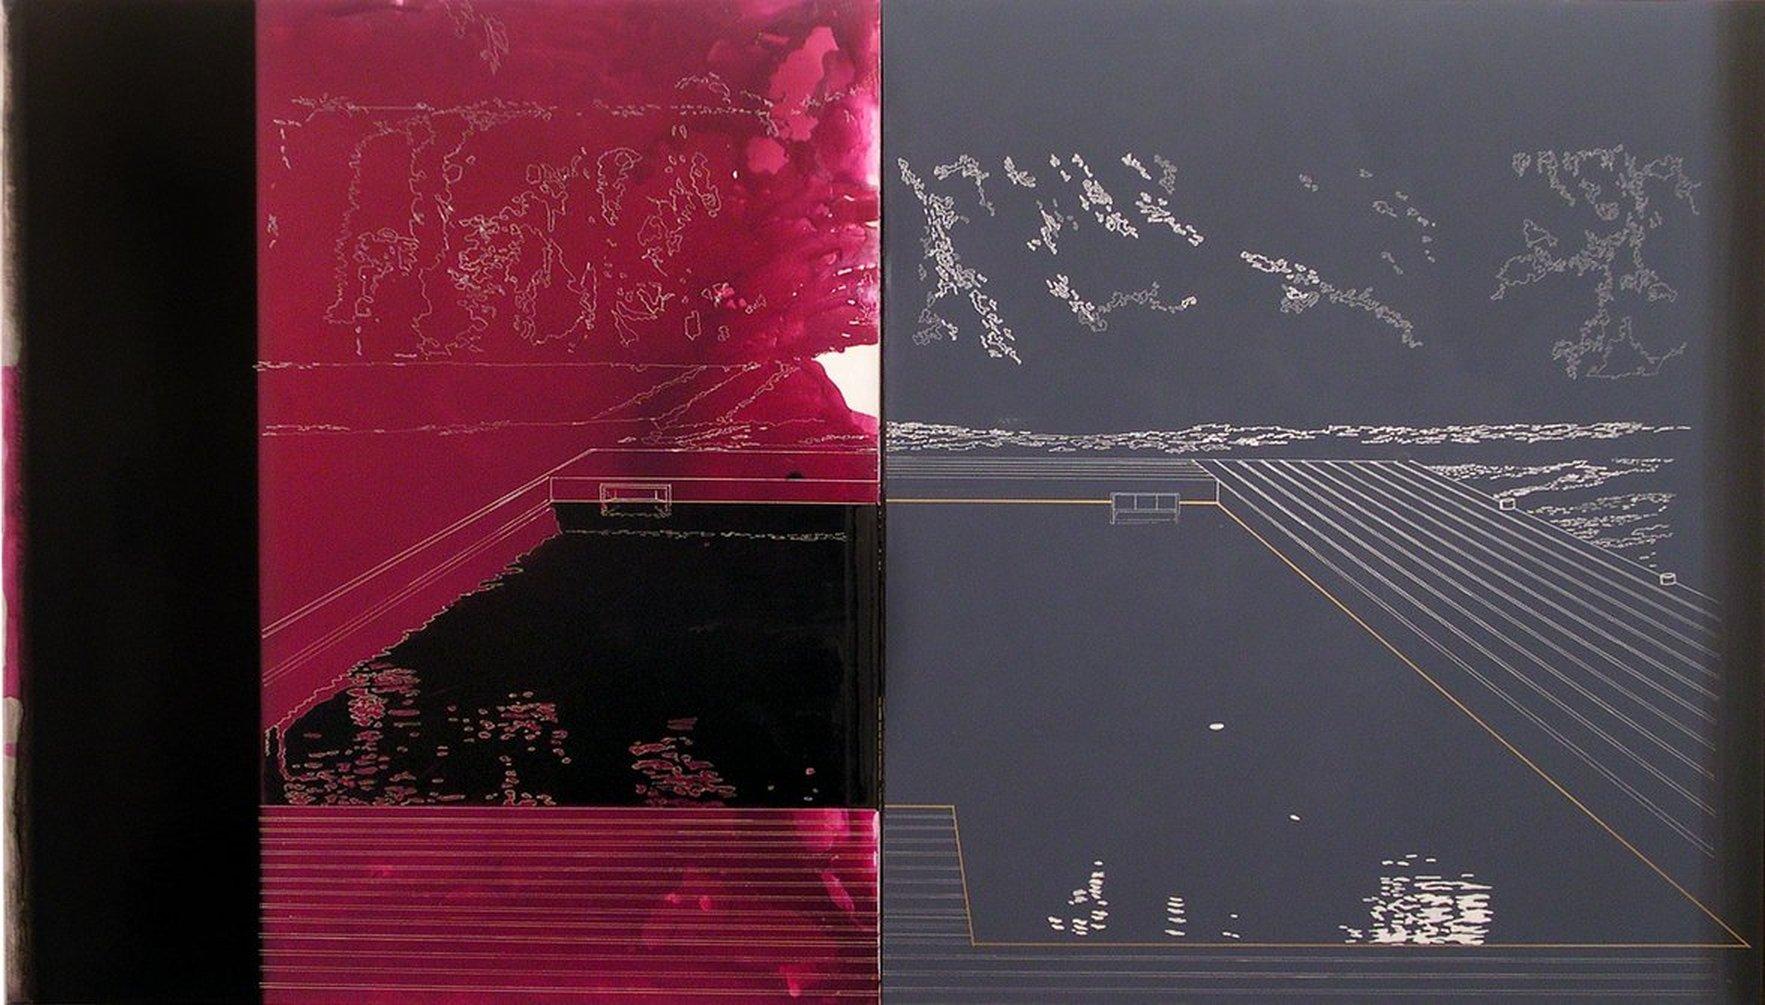 Gioacchino Pontrelli, Senza Titolo, 2003, tecnica mista su tela, cm 200x400